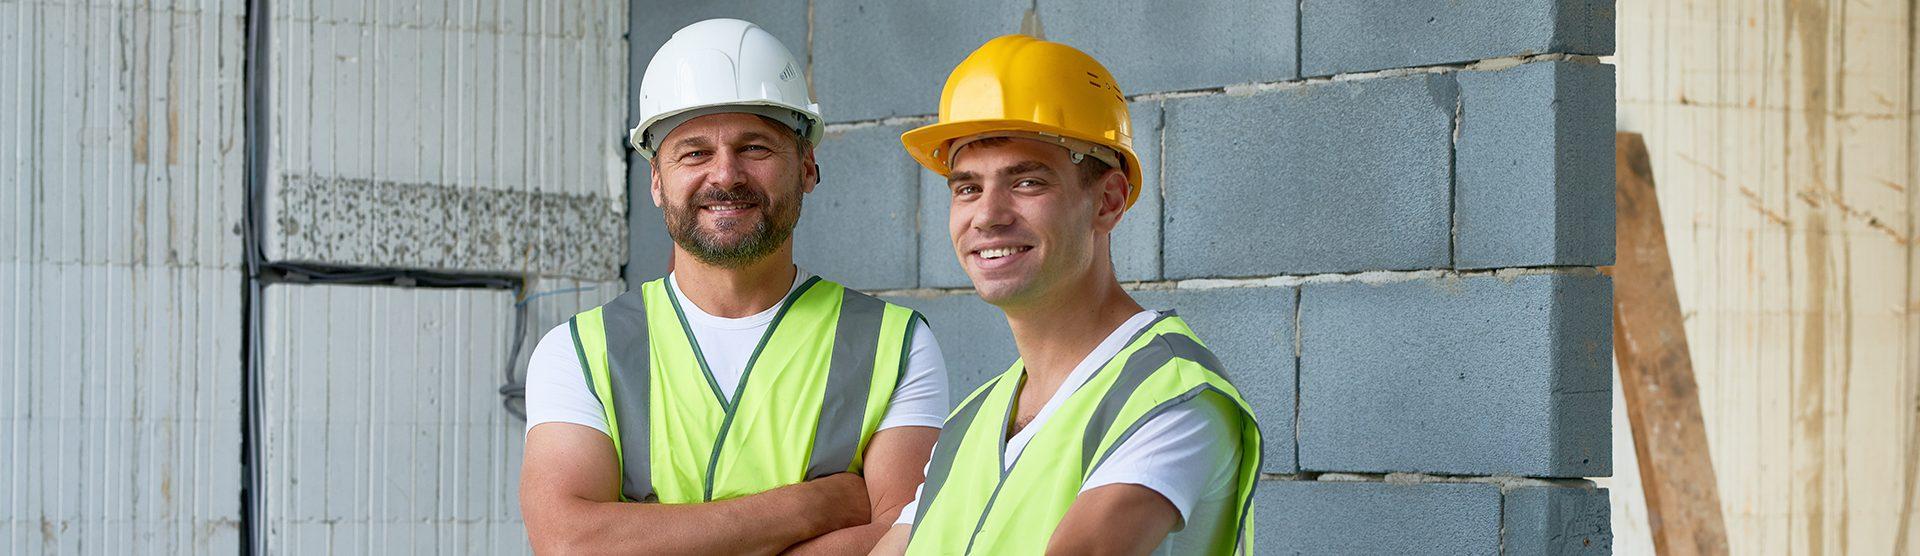 Twee lachende mannelijke bouwvakkers op de bouwplaats